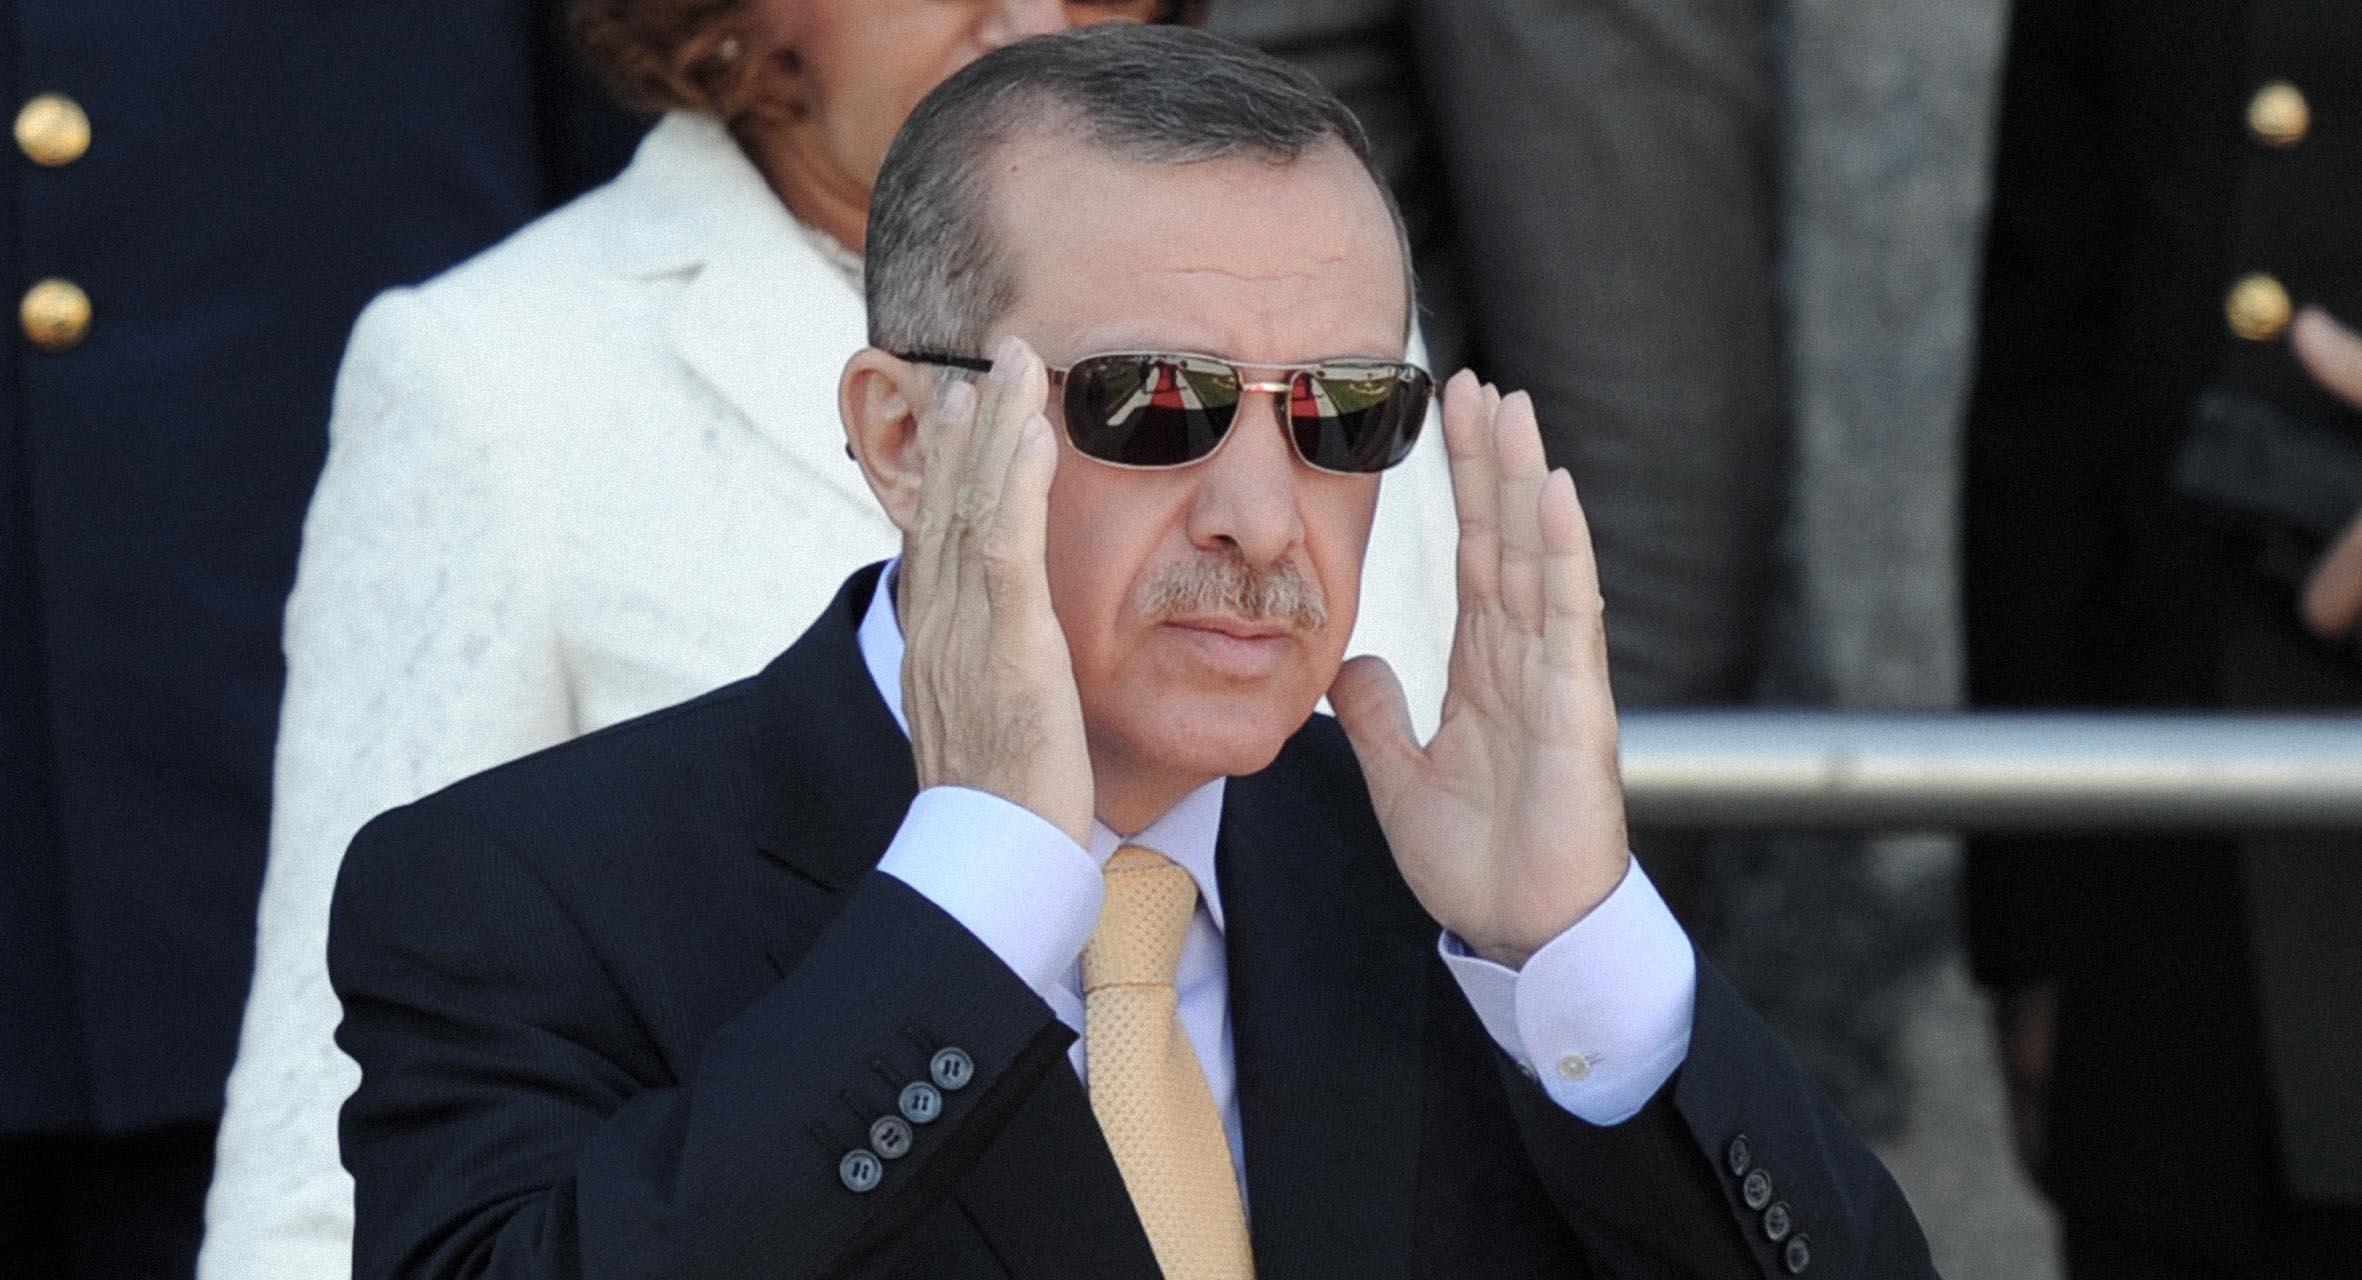 صورة السلطان يعتقل الناشطات لأنّ خادم الحرمين ليس أحسن أو أعلى شأناً منه